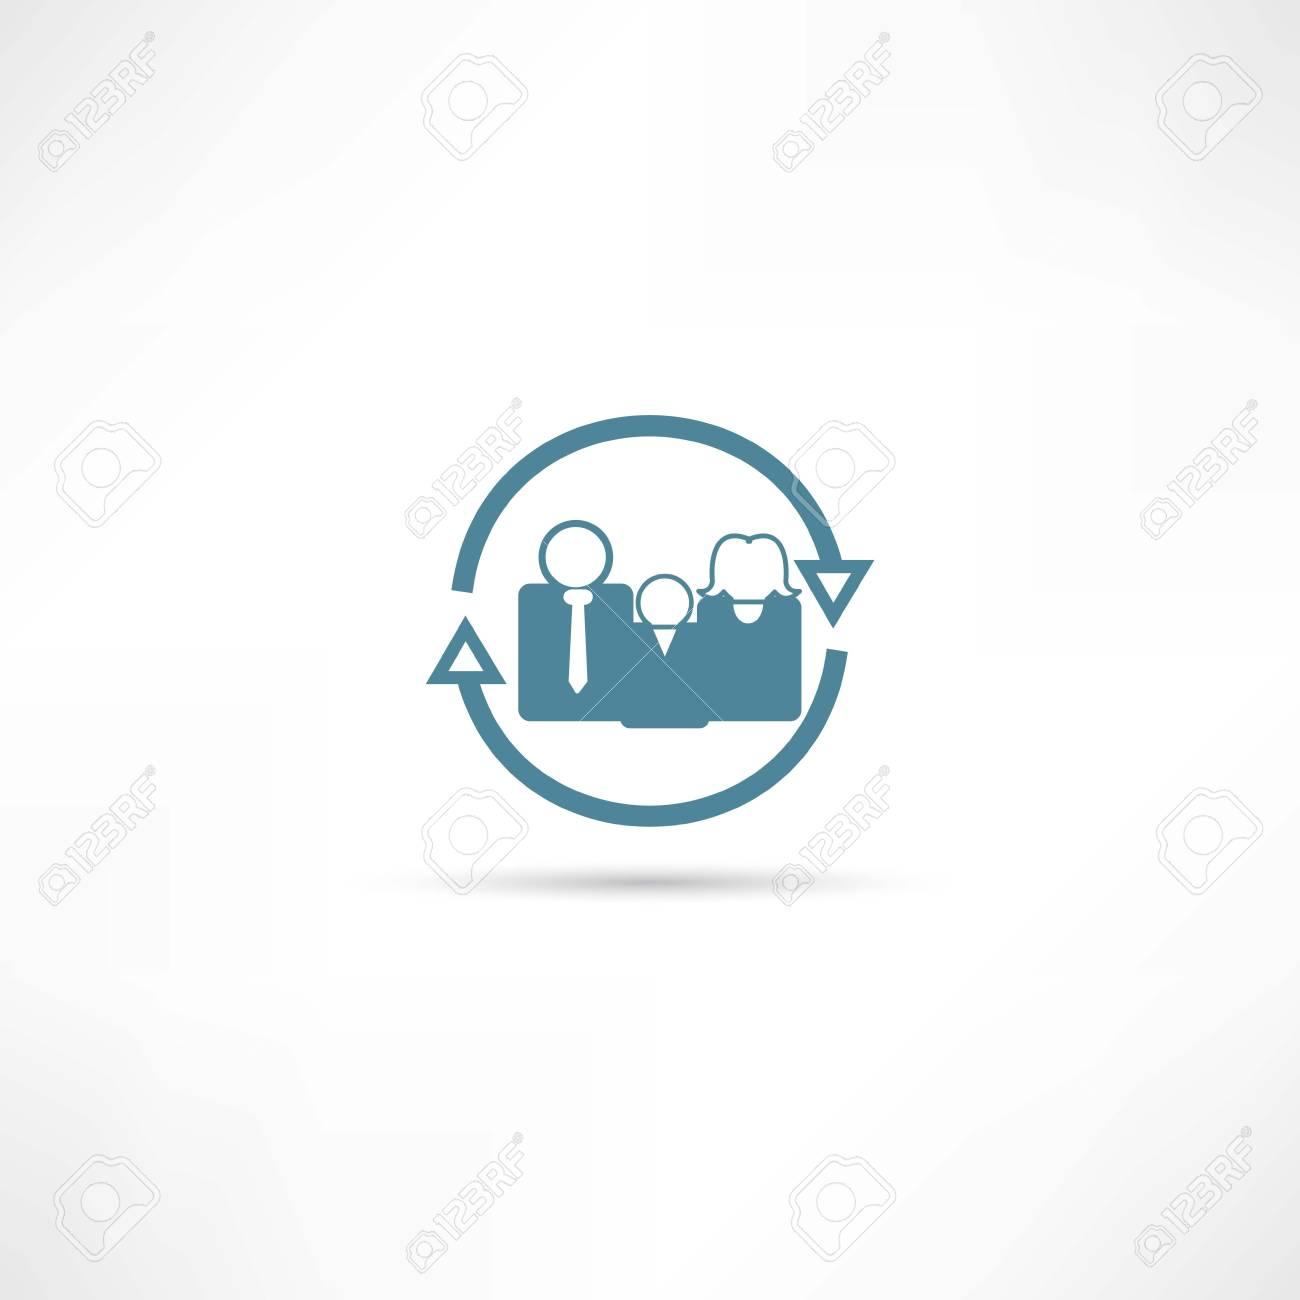 family icon Stock Vector - 22073116